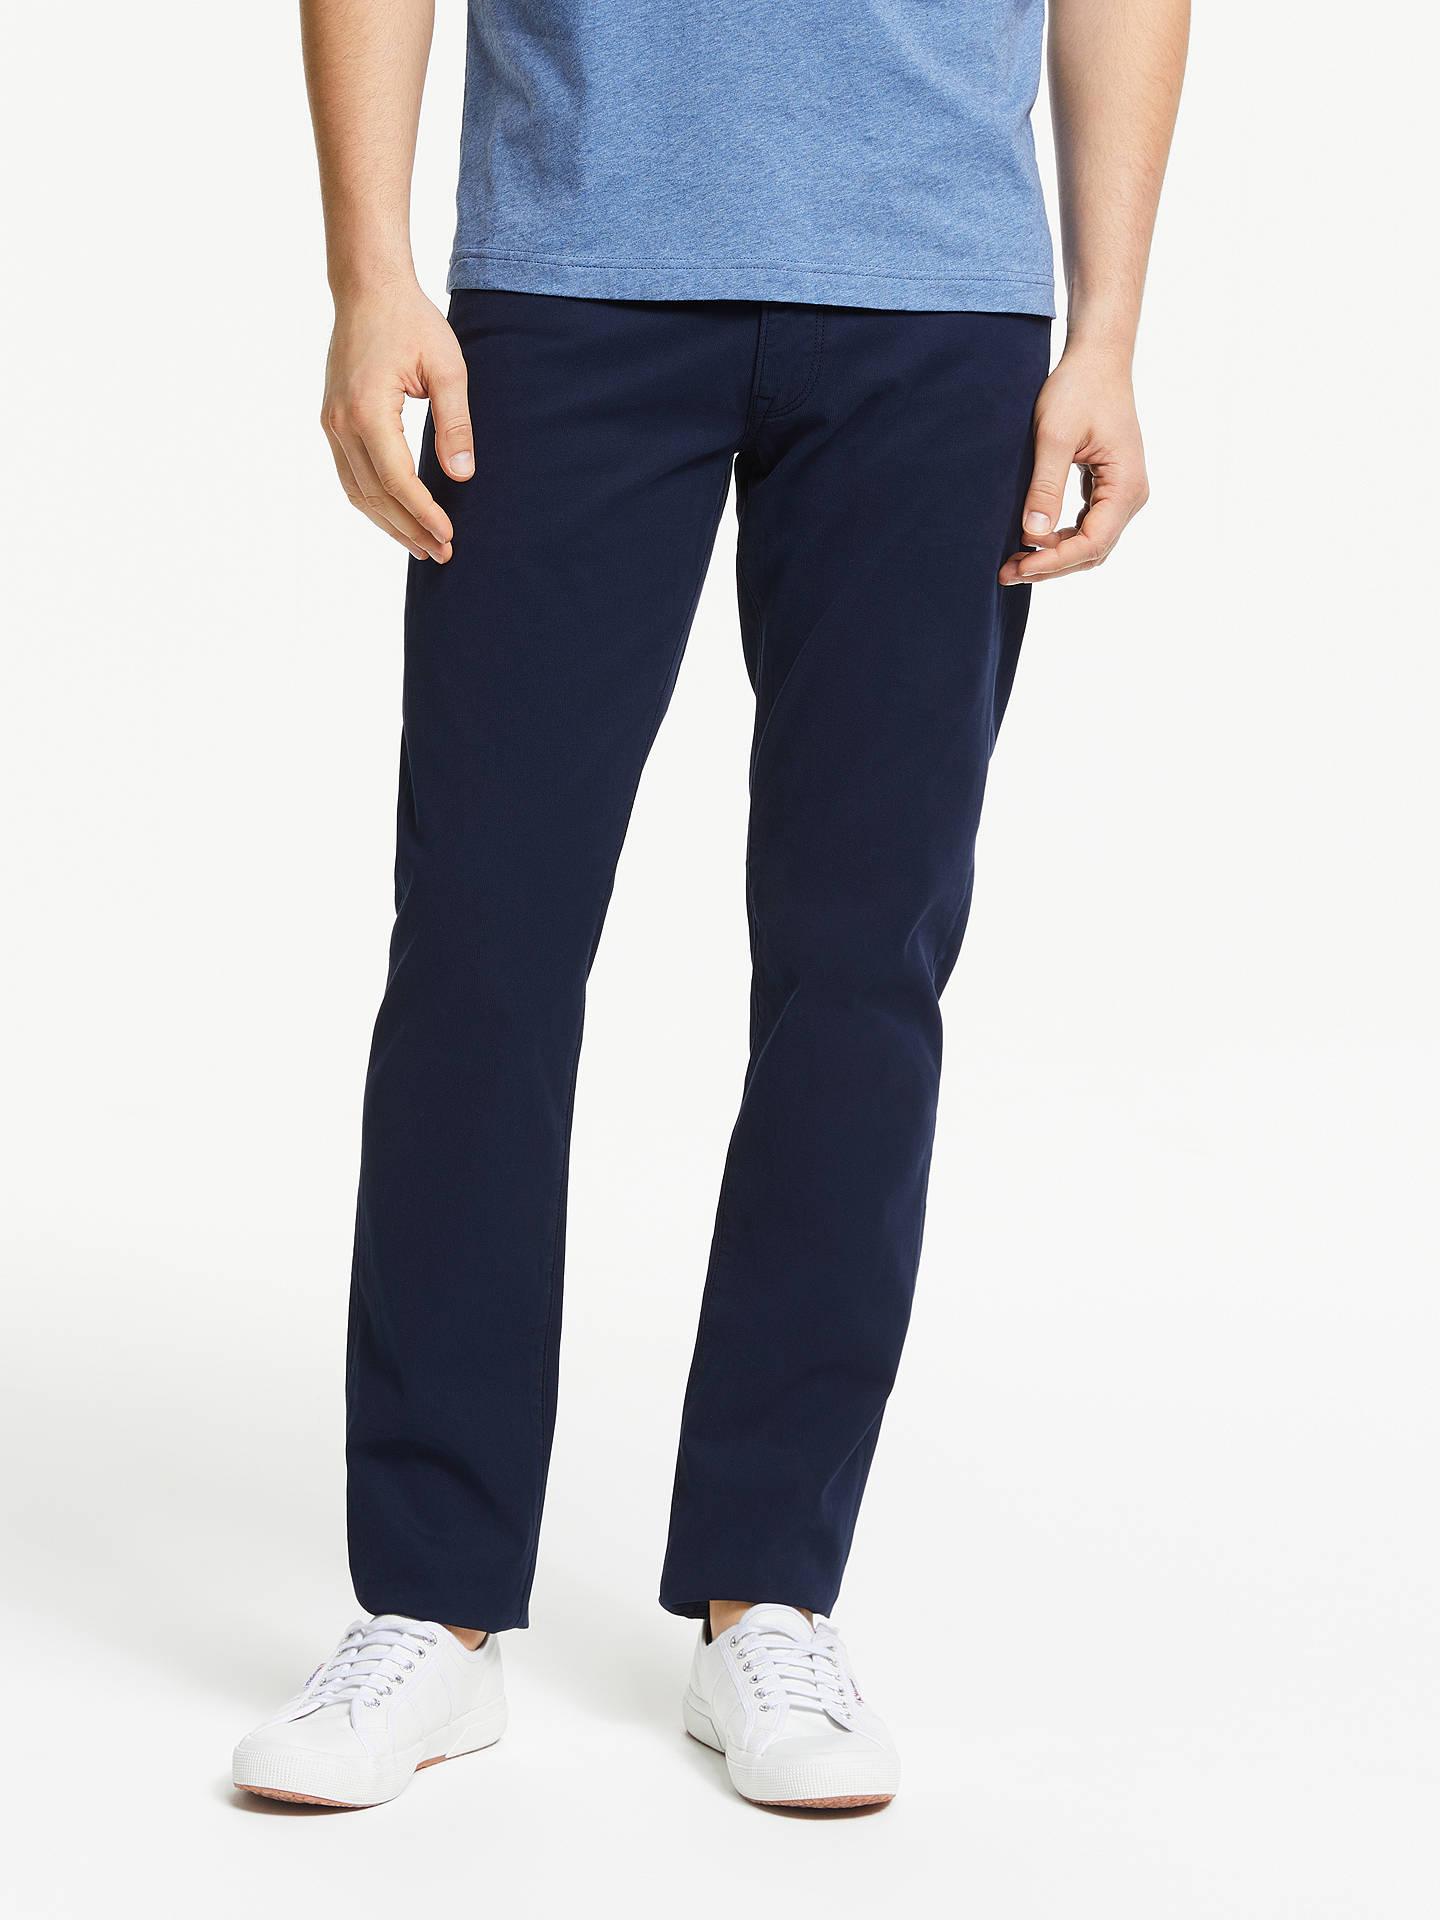 446357a02485 Buy GANT Bedford Slim Fit 5 Pocket Jeans, Navy, 34S Online at johnlewis.